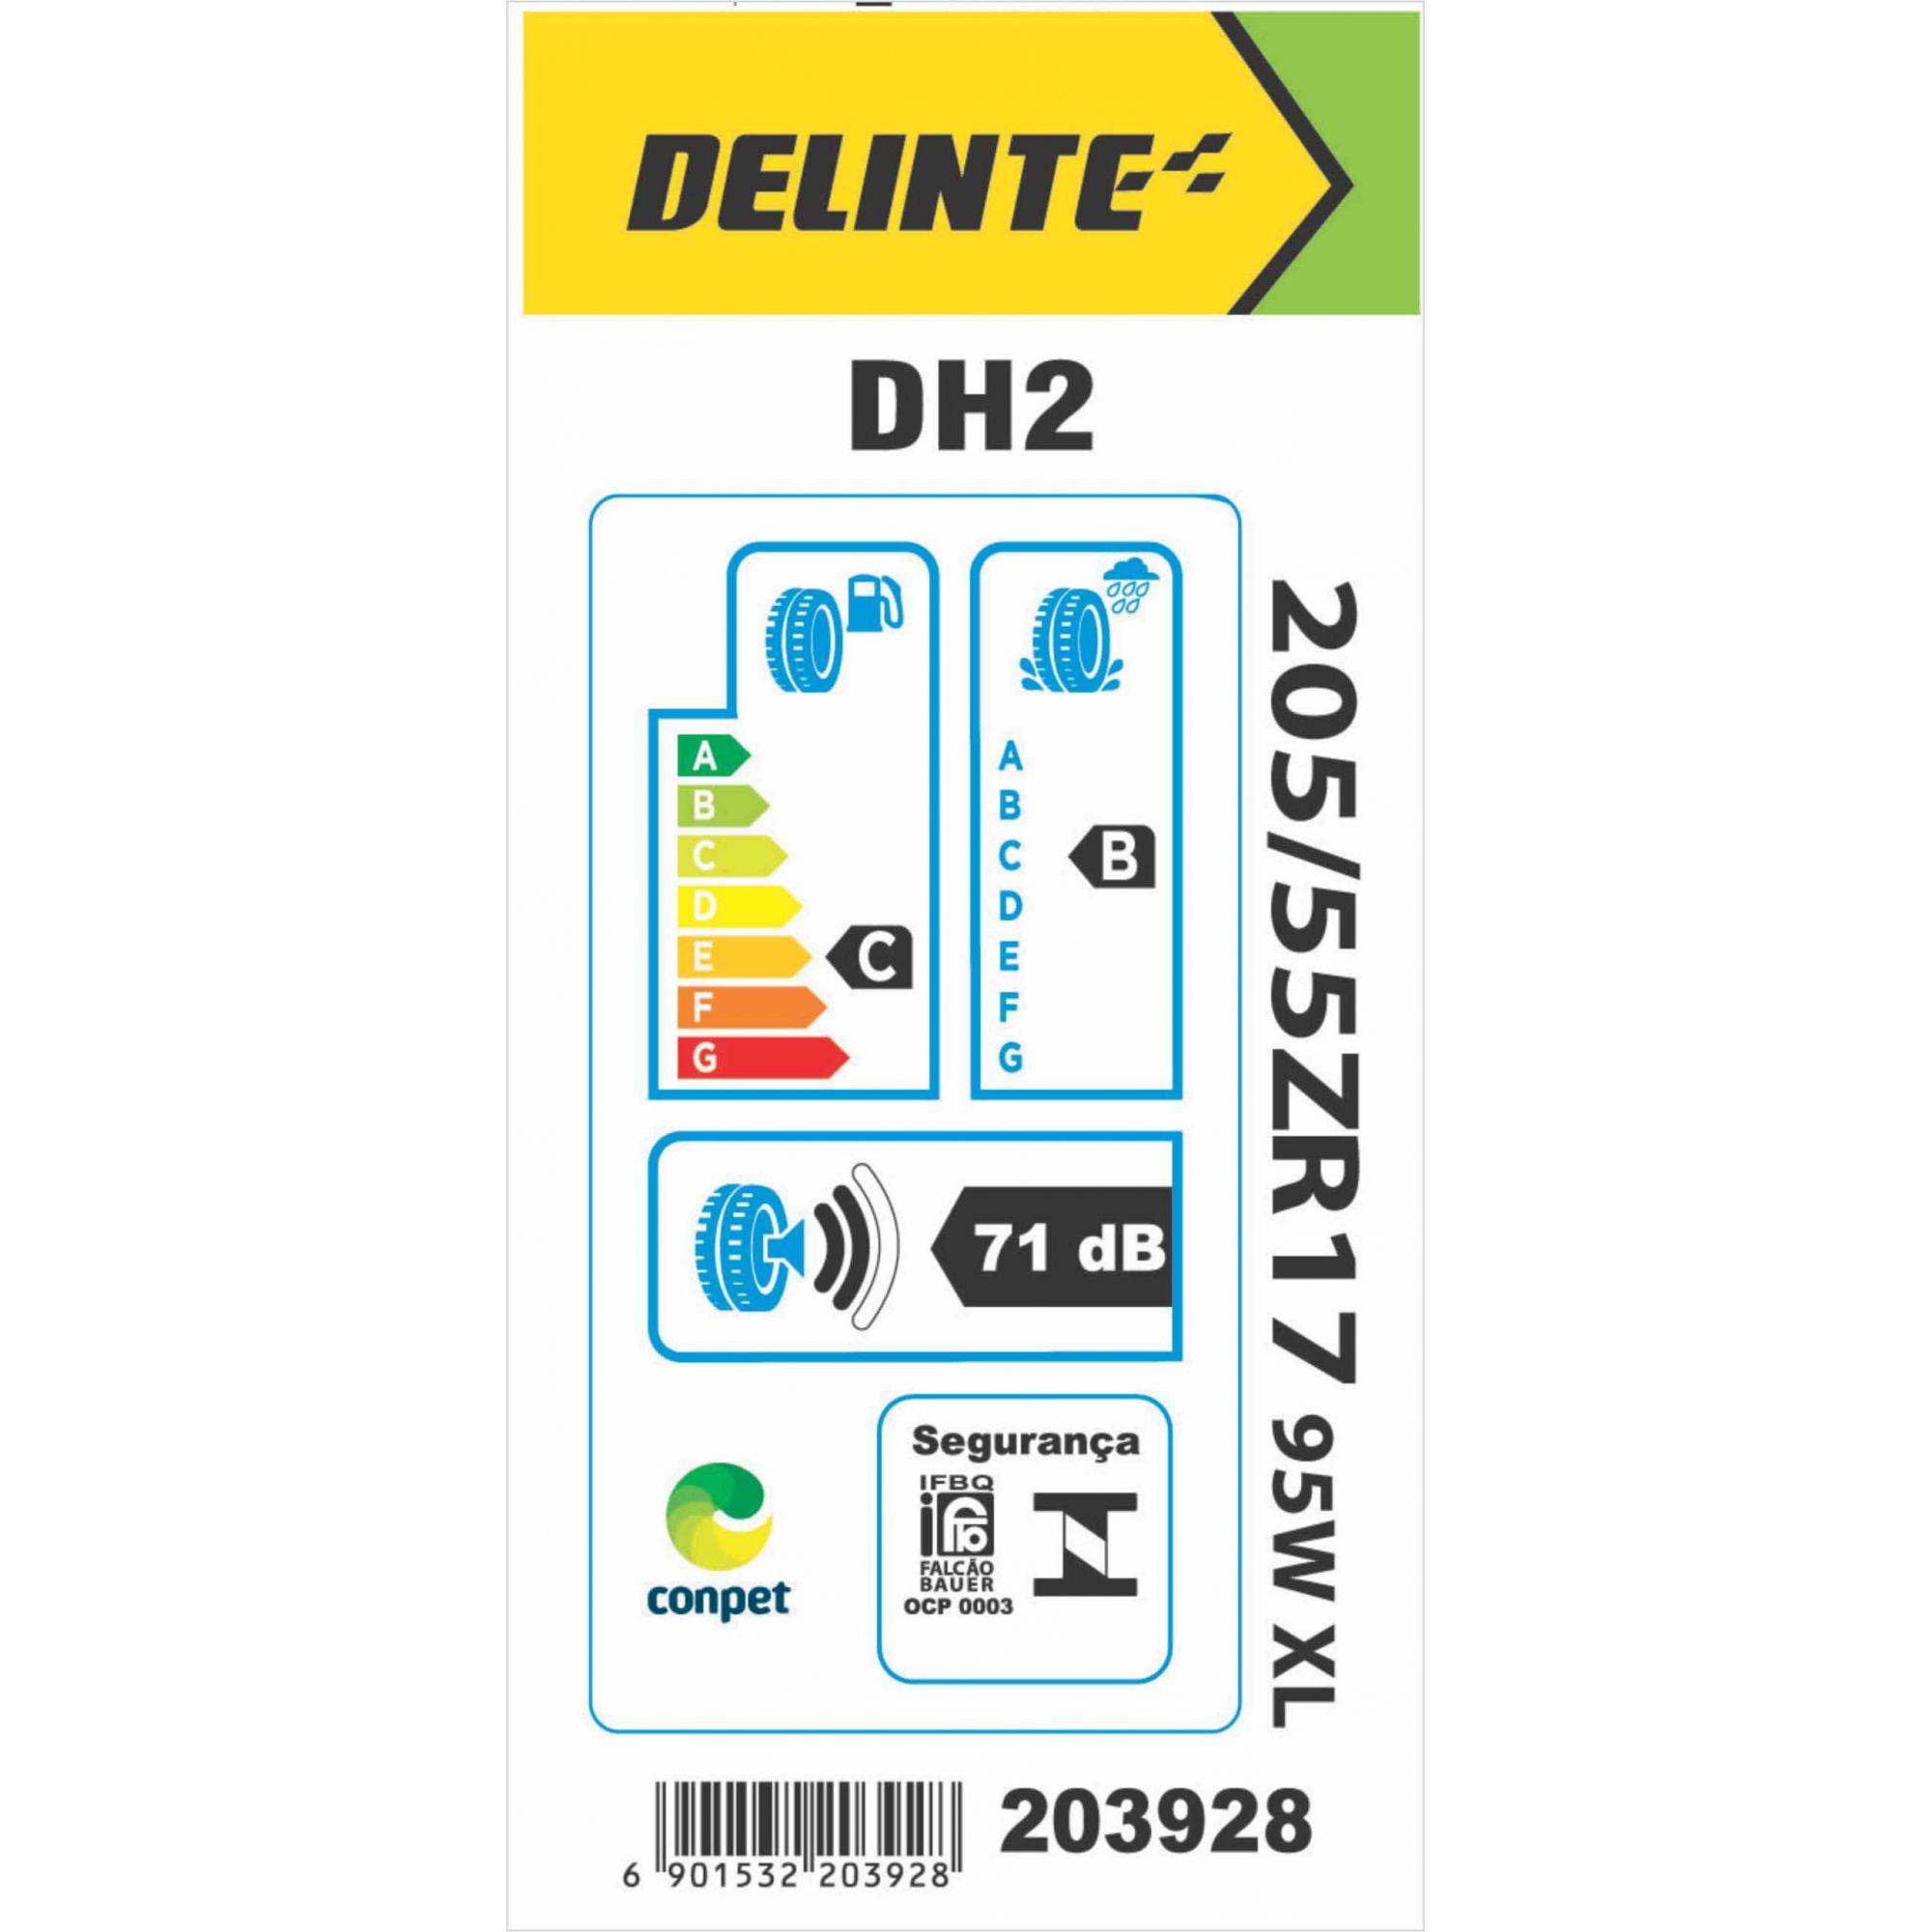 Pneu 205/55R17 Delinte DH2 95W